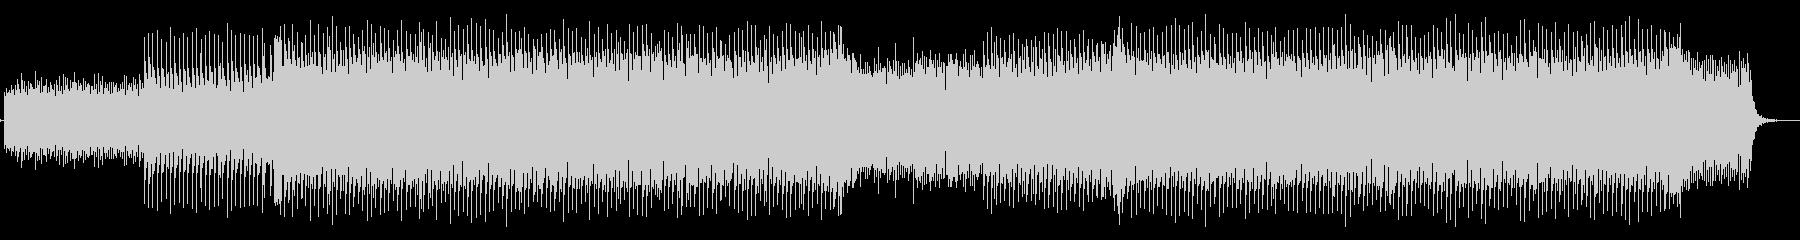 コーポレートミュージック1の未再生の波形